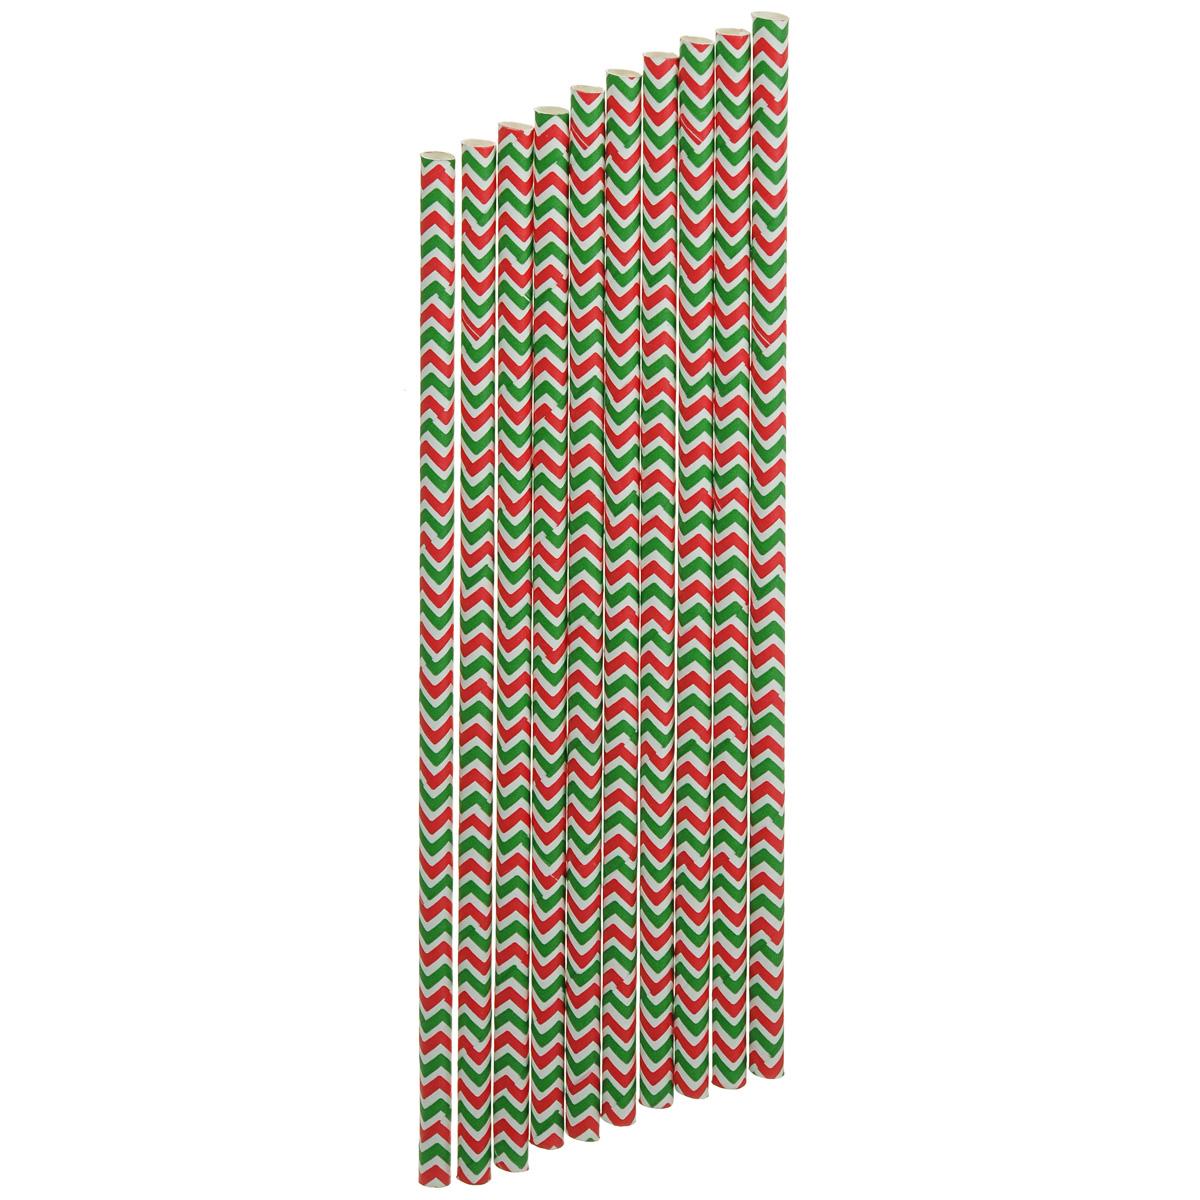 Набор бумажных трубочек Dolce Arti Праздник, цвет: белый, зеленый, красный, 10 штDA040255Набор Dolce Arti Праздник состоит из 10 бумажных трубочек, предназначенных для напитков. Цветные трубочки станут не только эффектным украшением коктейлей, но и ярким штрихом вашего сладкого стола. С набором Dolce Arti Праздник ваш праздник станет по-настоящему красочным! Длина трубочки: 19,5 см. Диаметр трубочки: 5 мм.